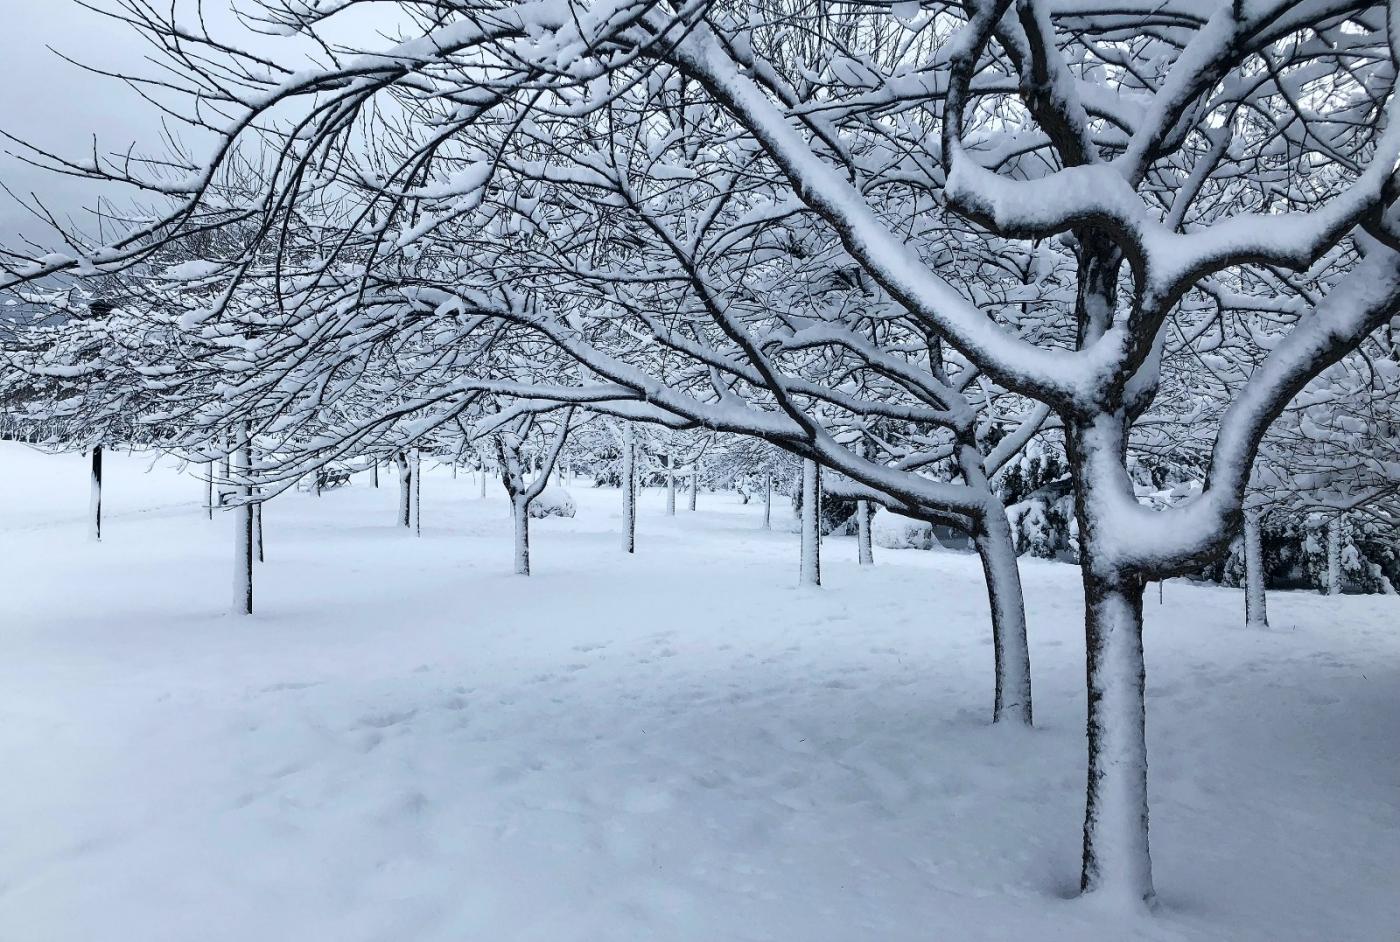 【田螺手机摄影】纽约雪景、还是中央公园最漂亮[二]_图1-20